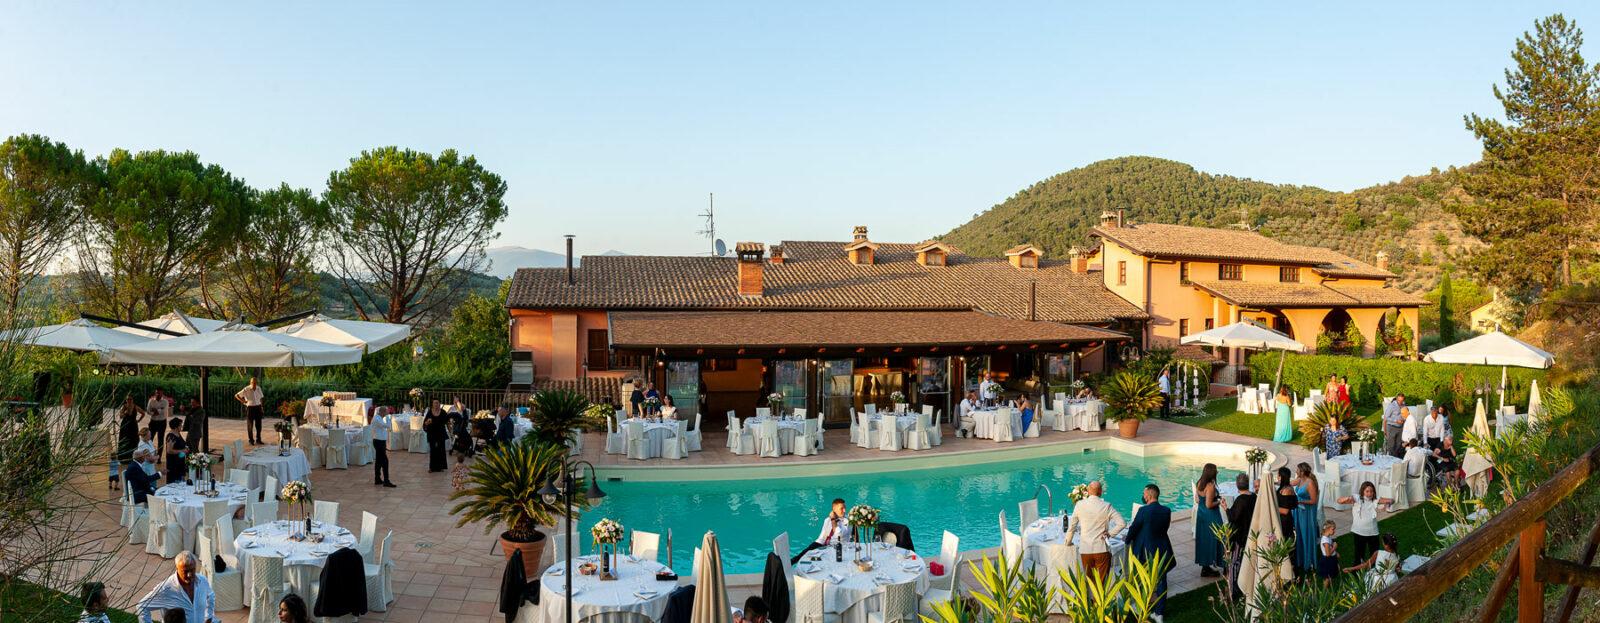 la-fattoria-spoleto-ristorante-pizzeria-albergo-piscina-esterna-evento-matrimonio-spoleto-panoramica